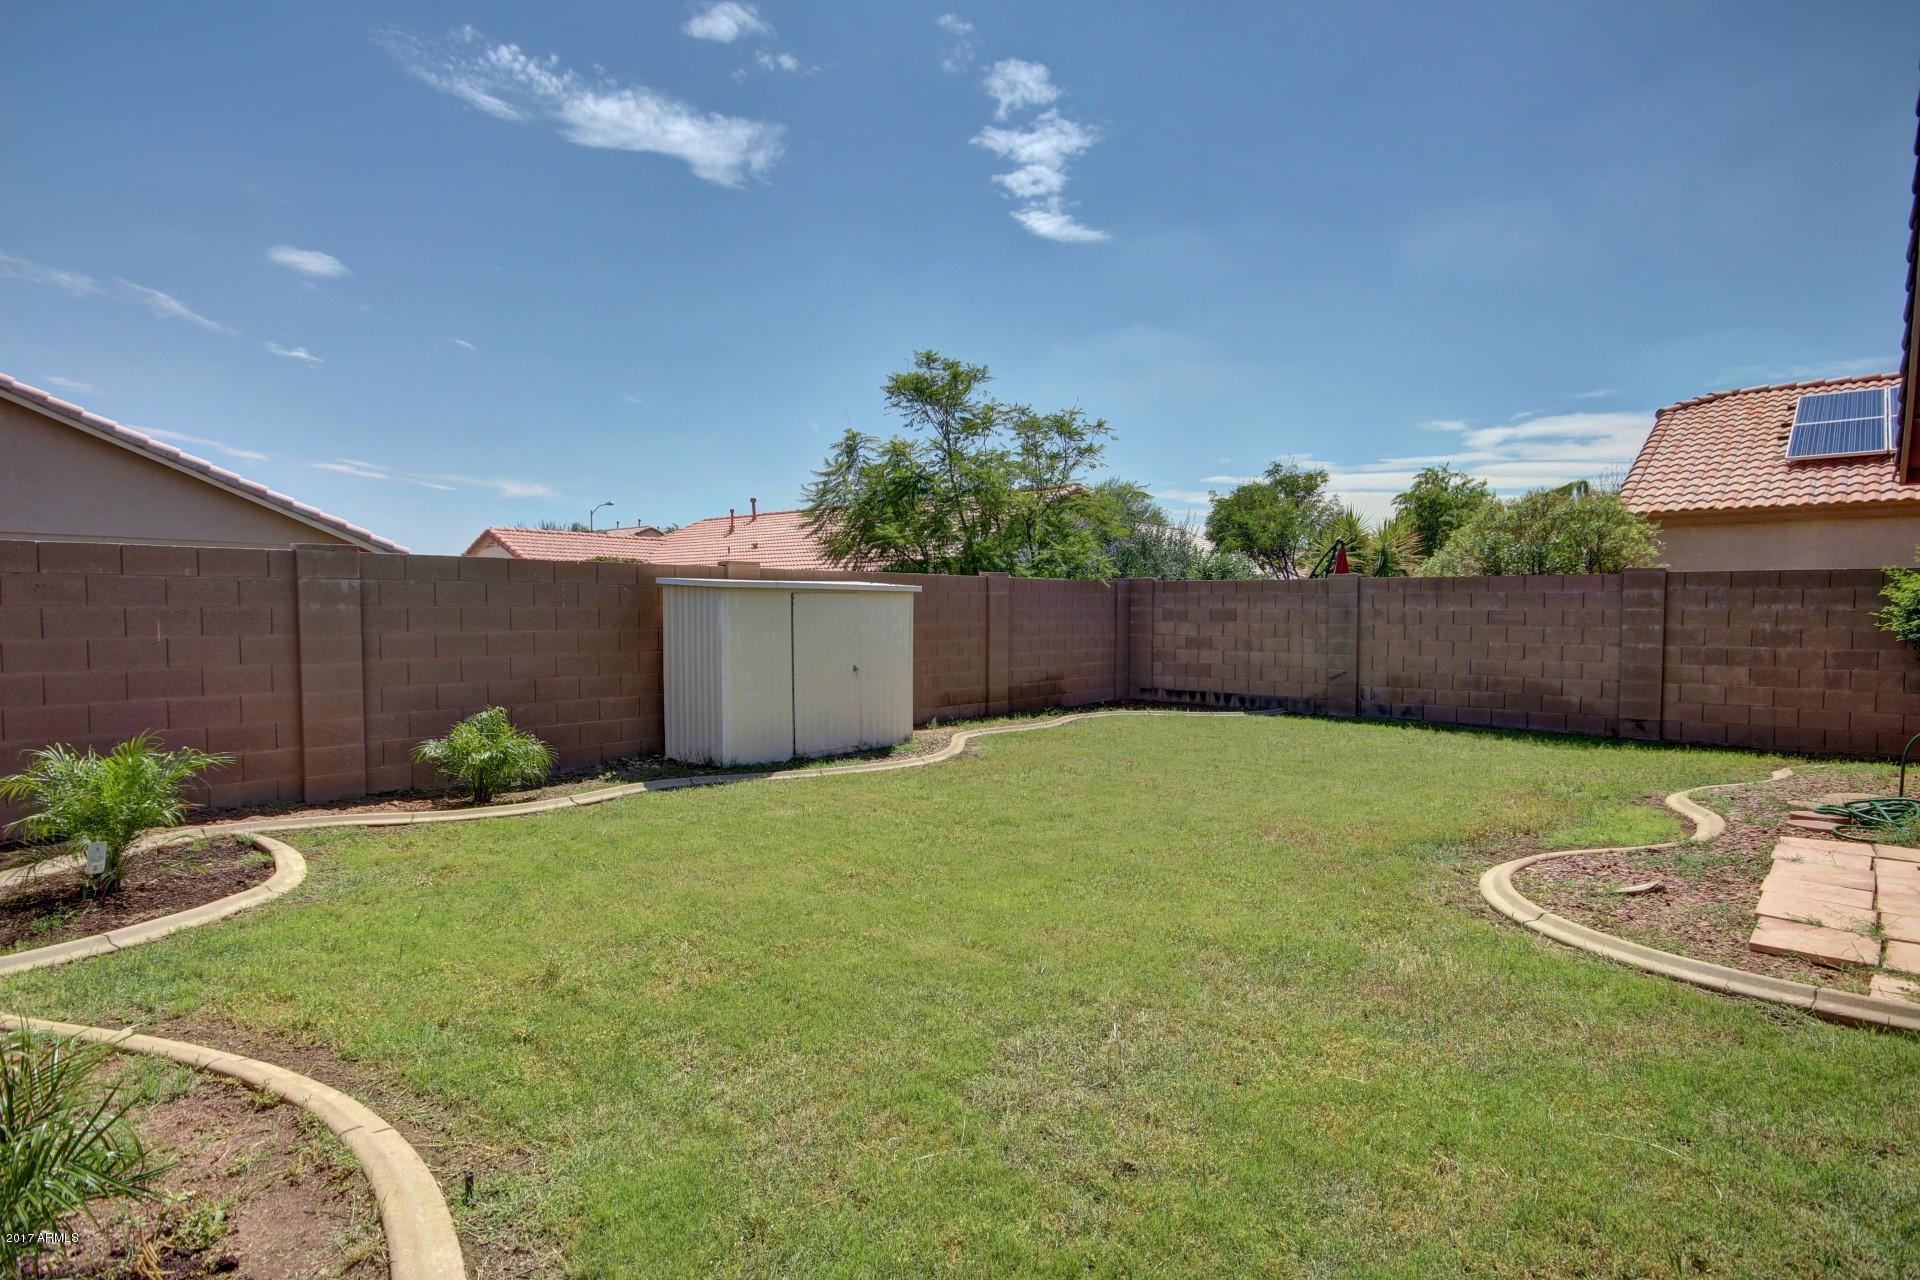 16169 W Davis  Road Surprise, AZ 85374 - img27